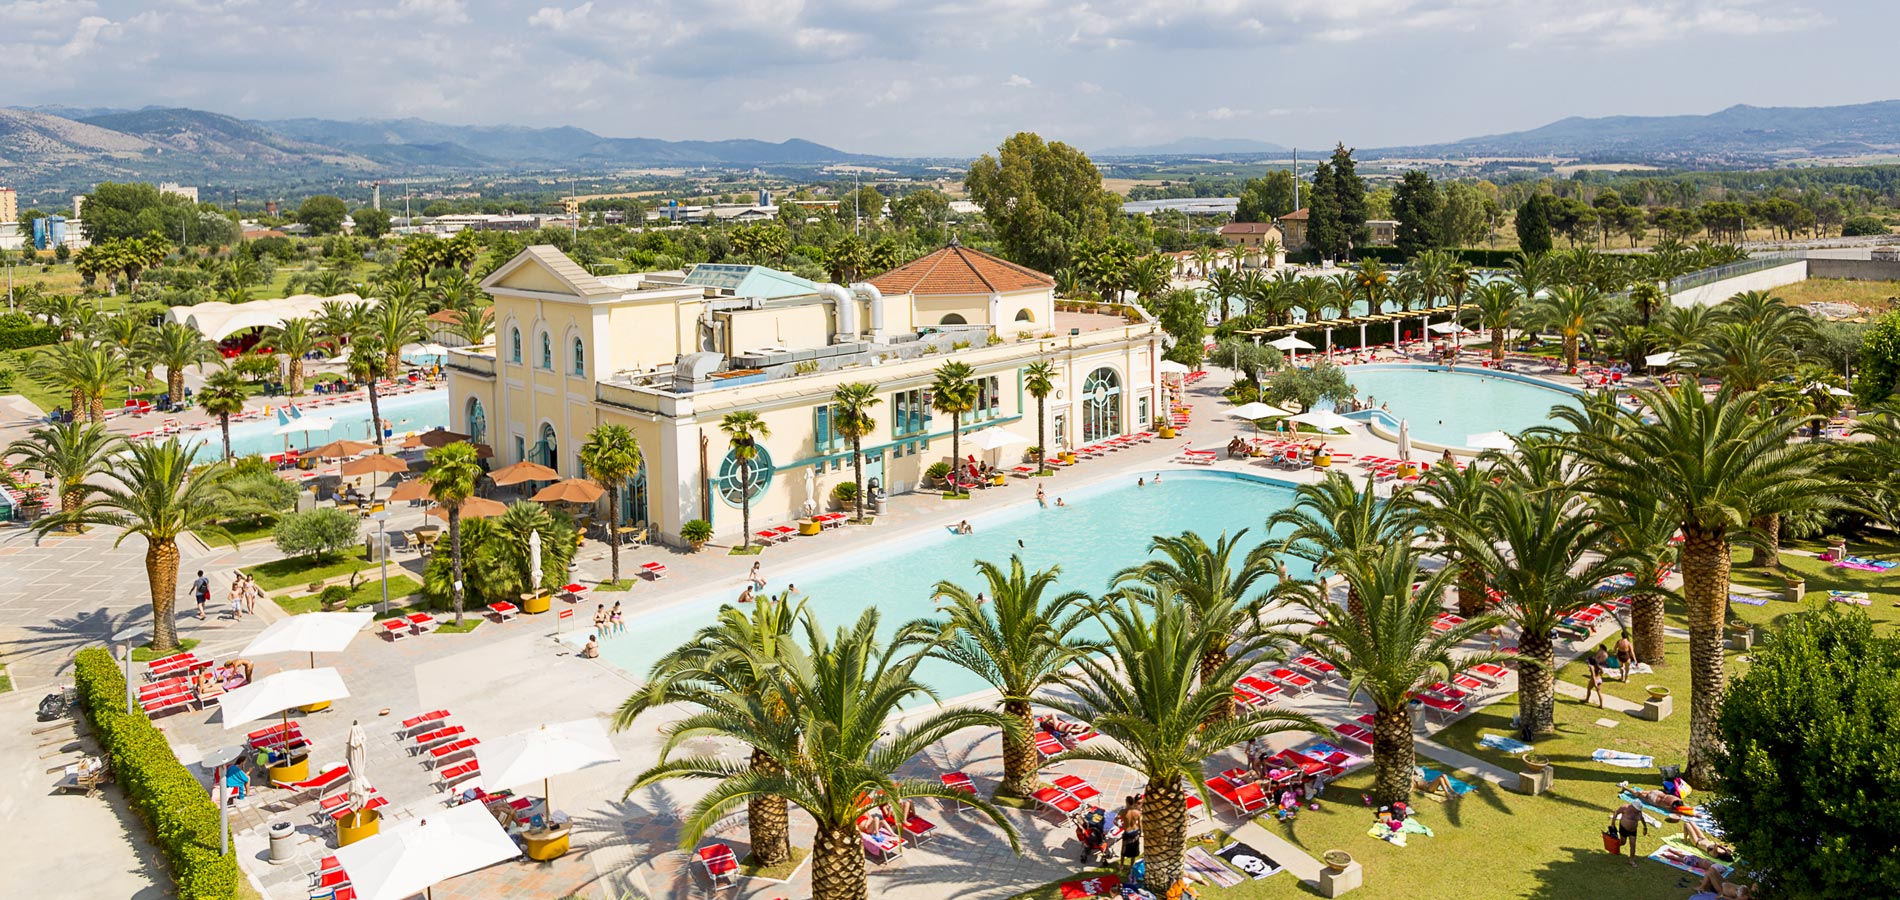 Hotel termale con centro benessere e spa a tivoli terme - Hotel piscina roma ...